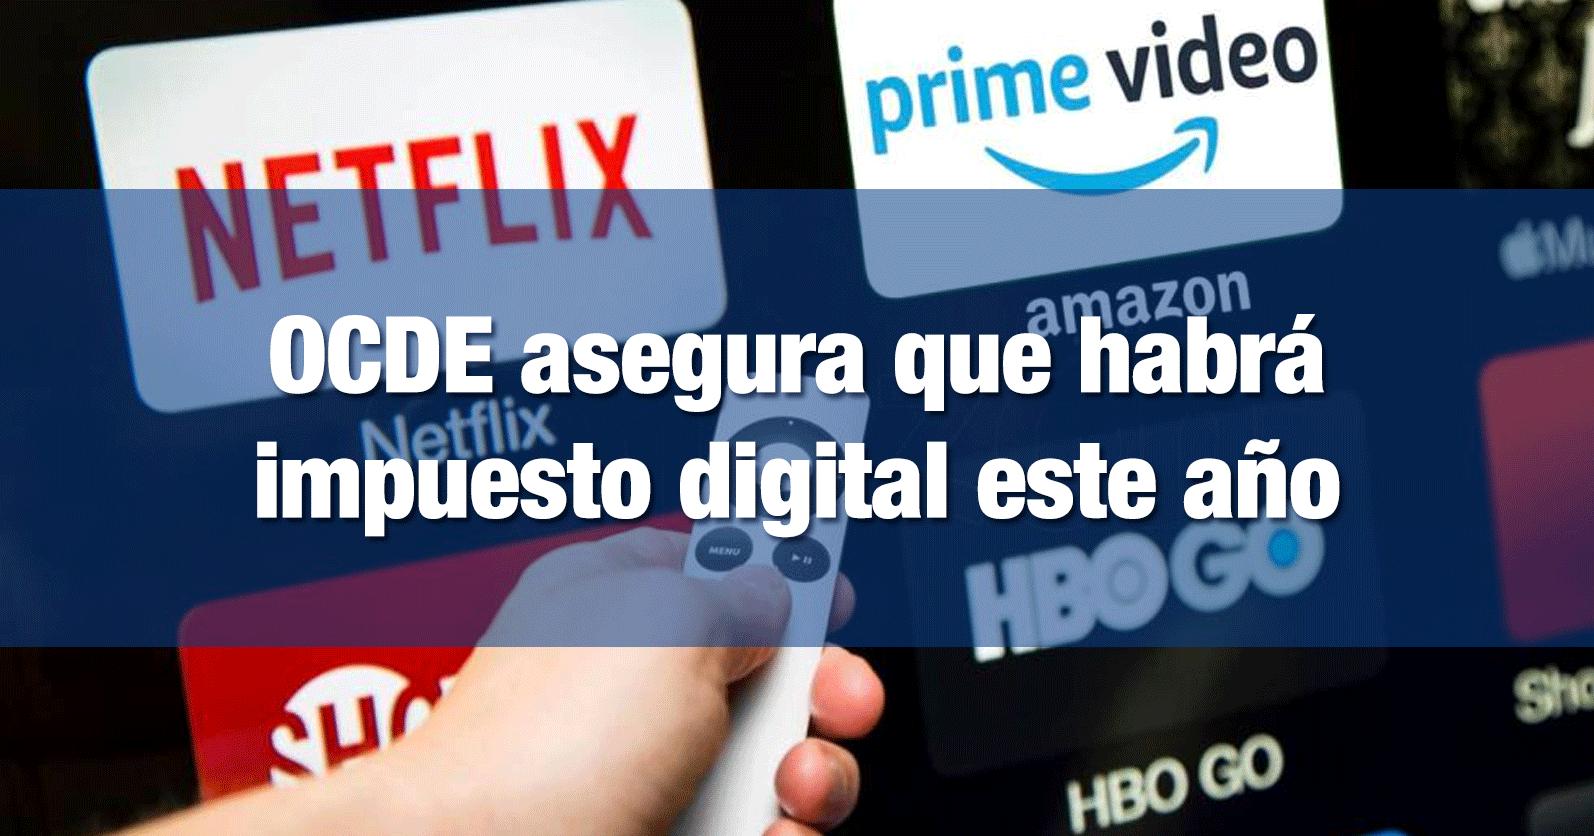 OCDE asegura que habrá impuesto digital este año